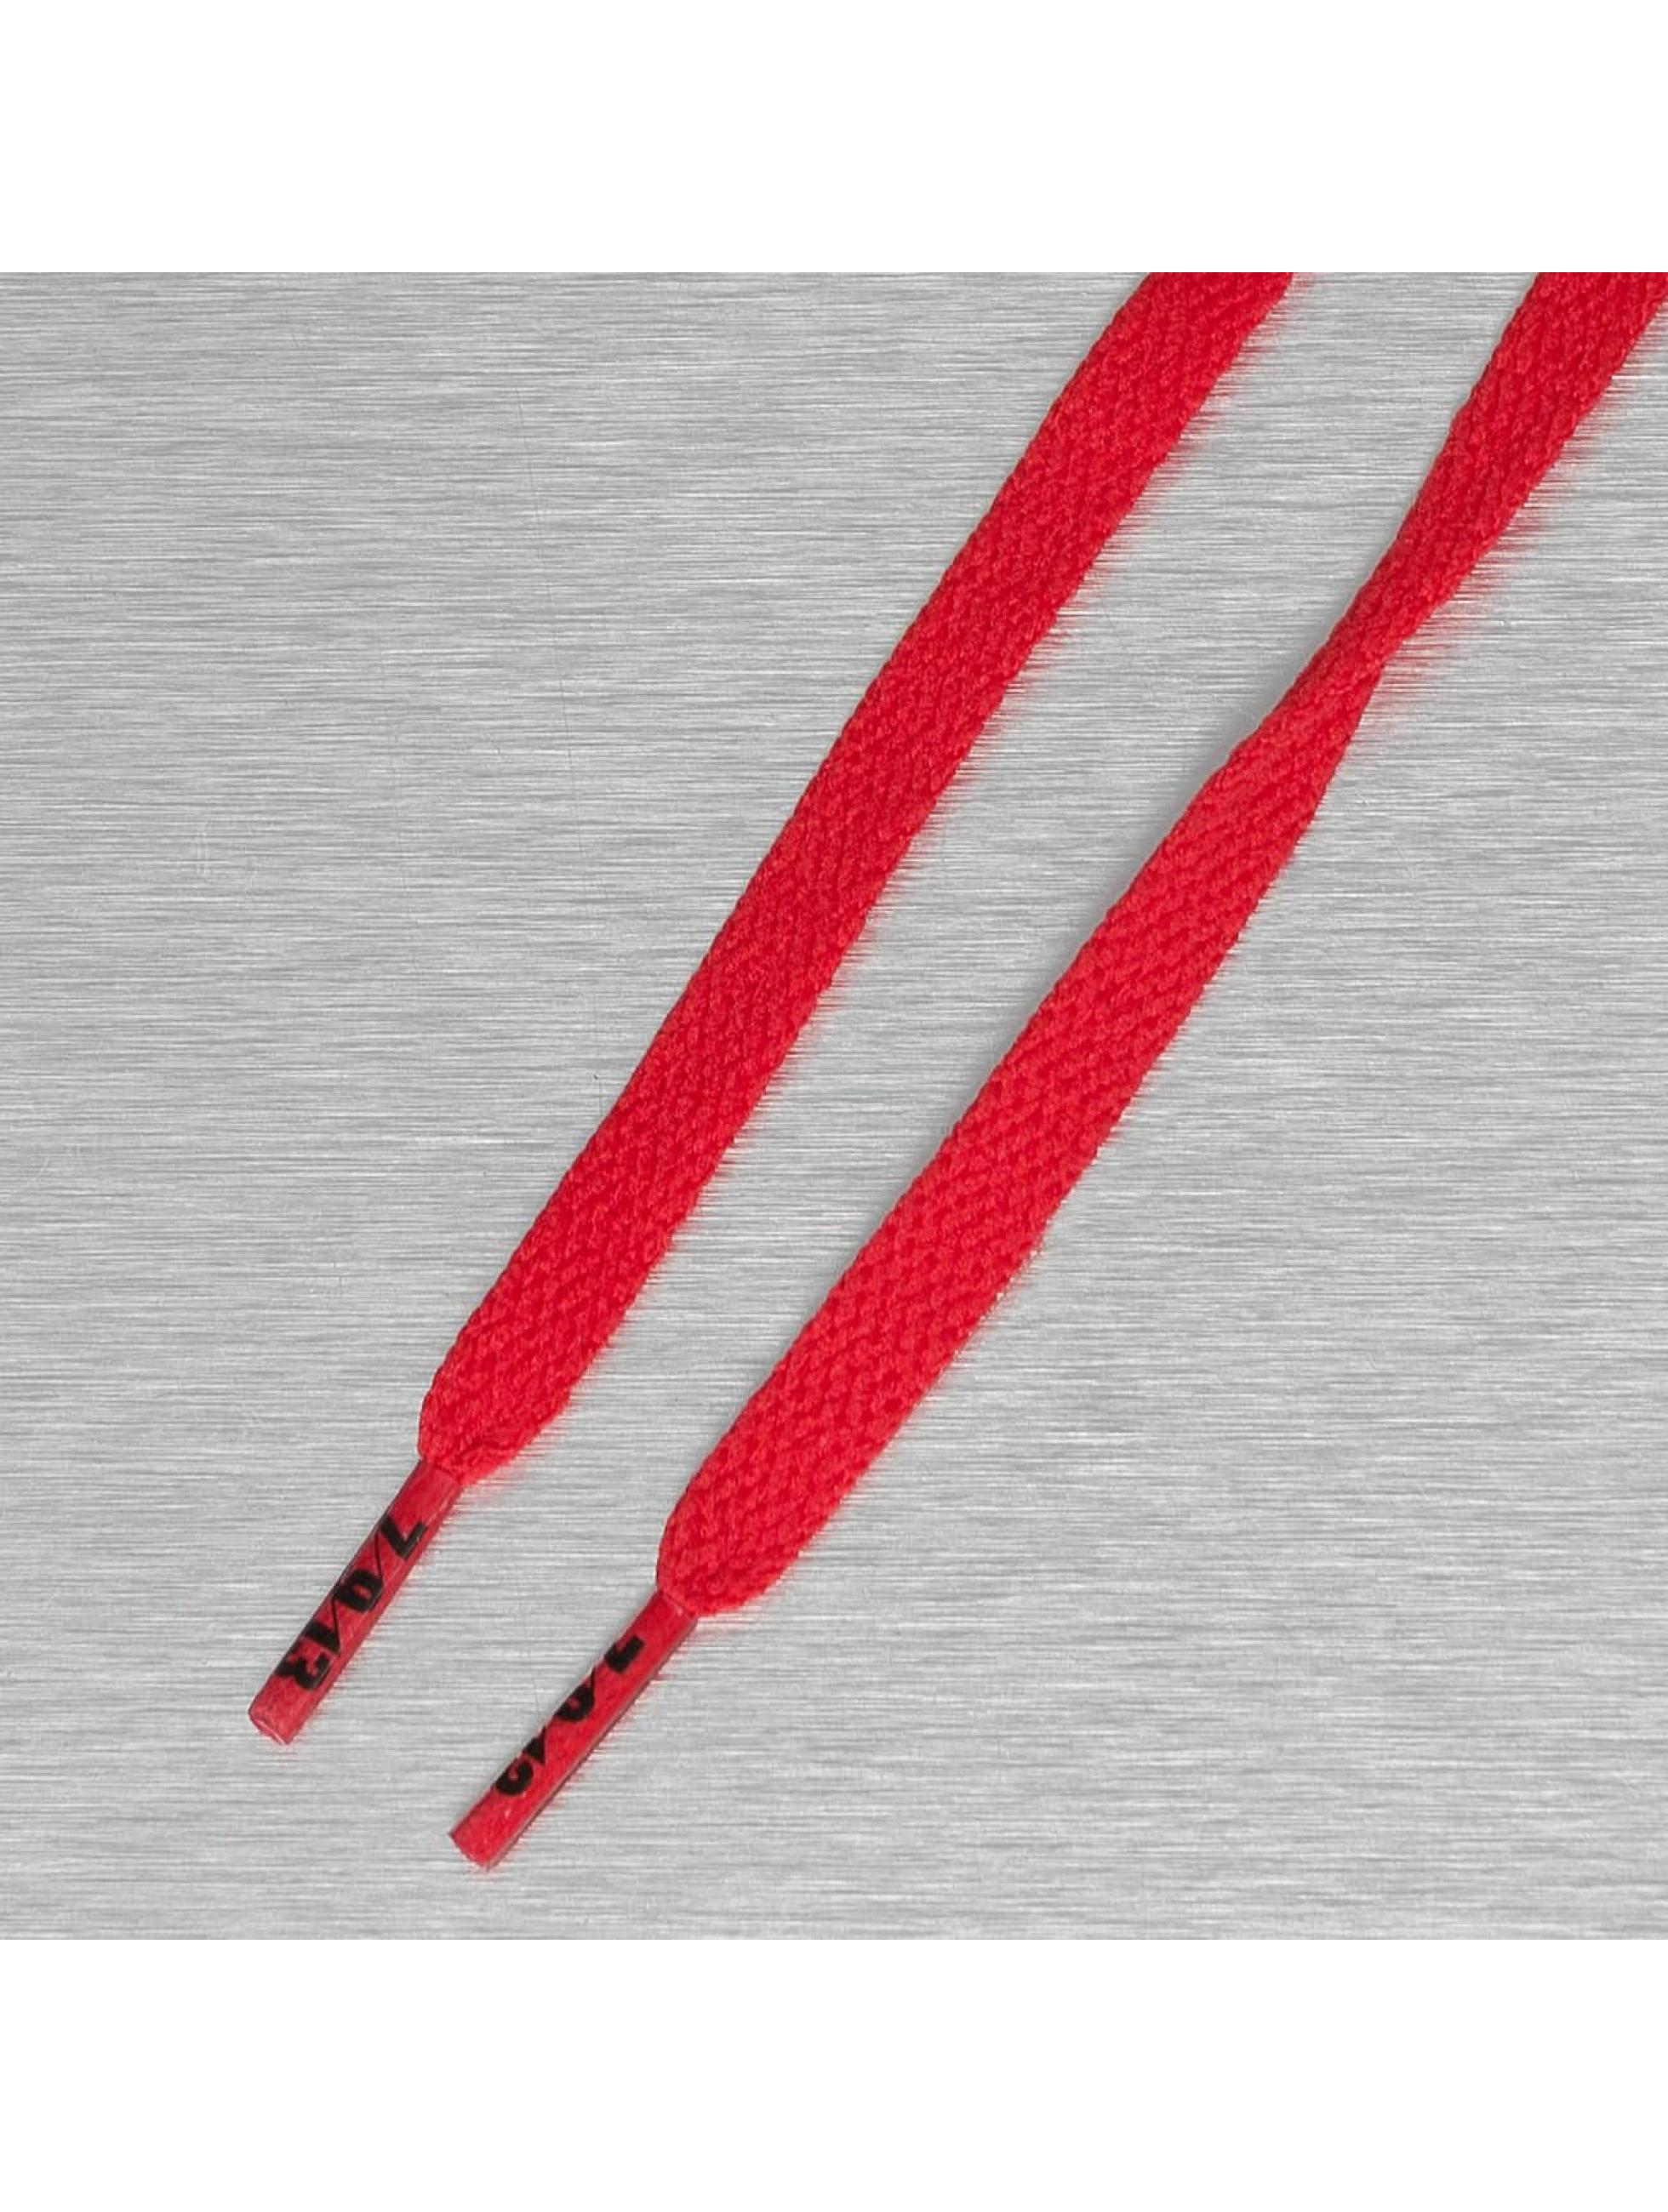 Seven Nine 13 Männer,Frauen Schuhzubehör Hard Candy Short in rot